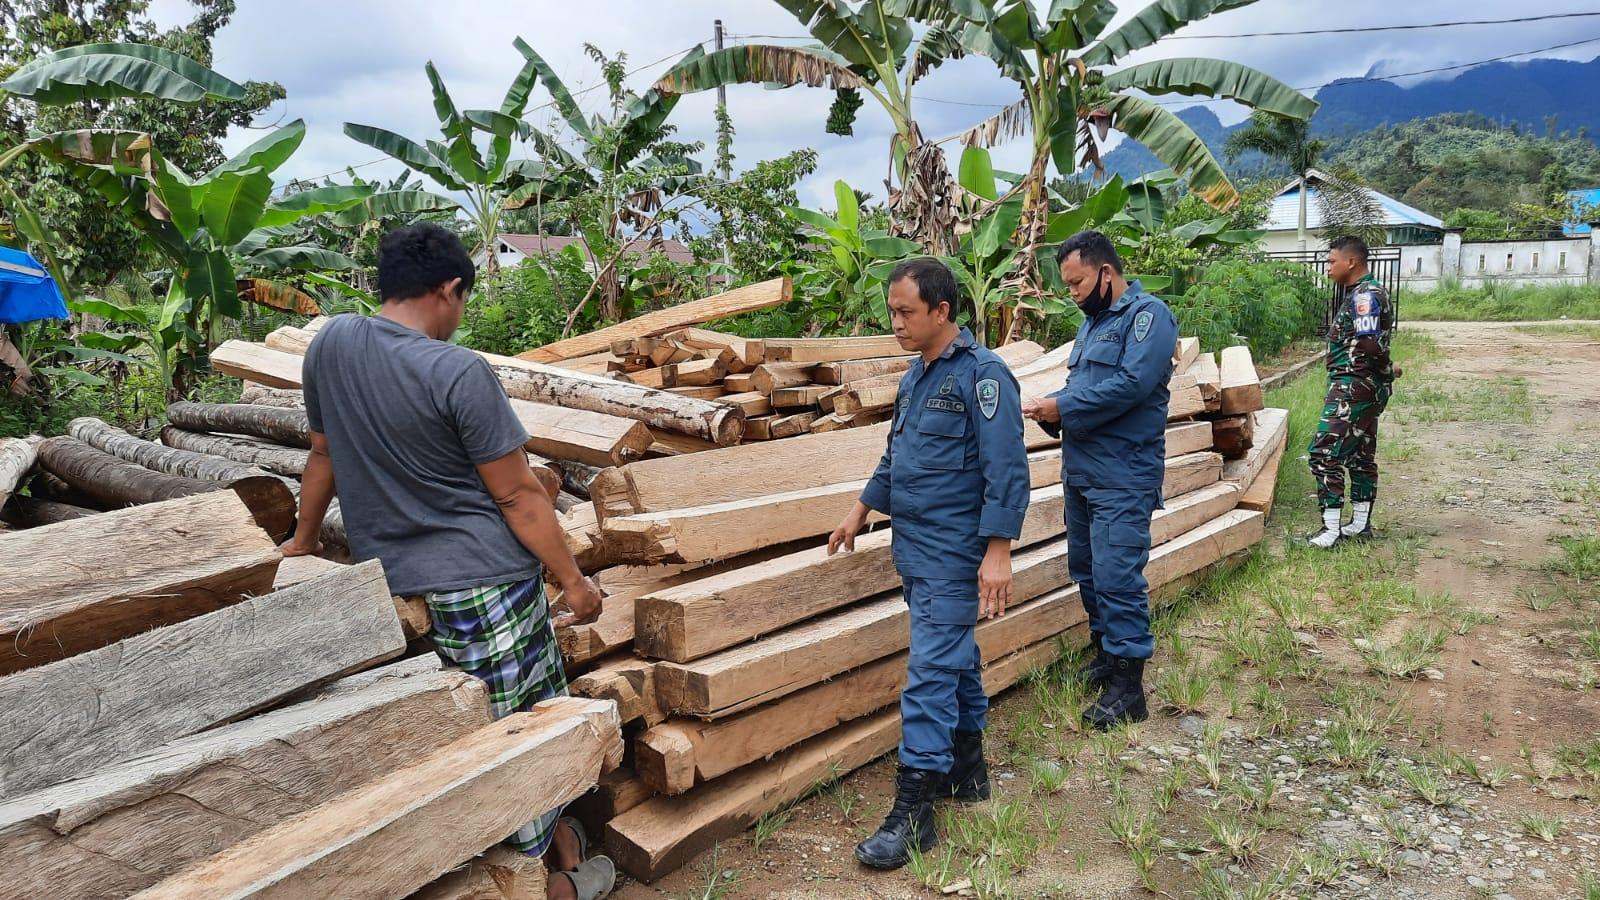 Gakkum rampungkan berkas kasus industri pengolahan kayu yang beroperasi tanpa ijin yang sah di Kecamatan Tommo, Kabupaten Mamuju, Sulawesi Barat. Foto : Gakkum KLHK Sulawesi.